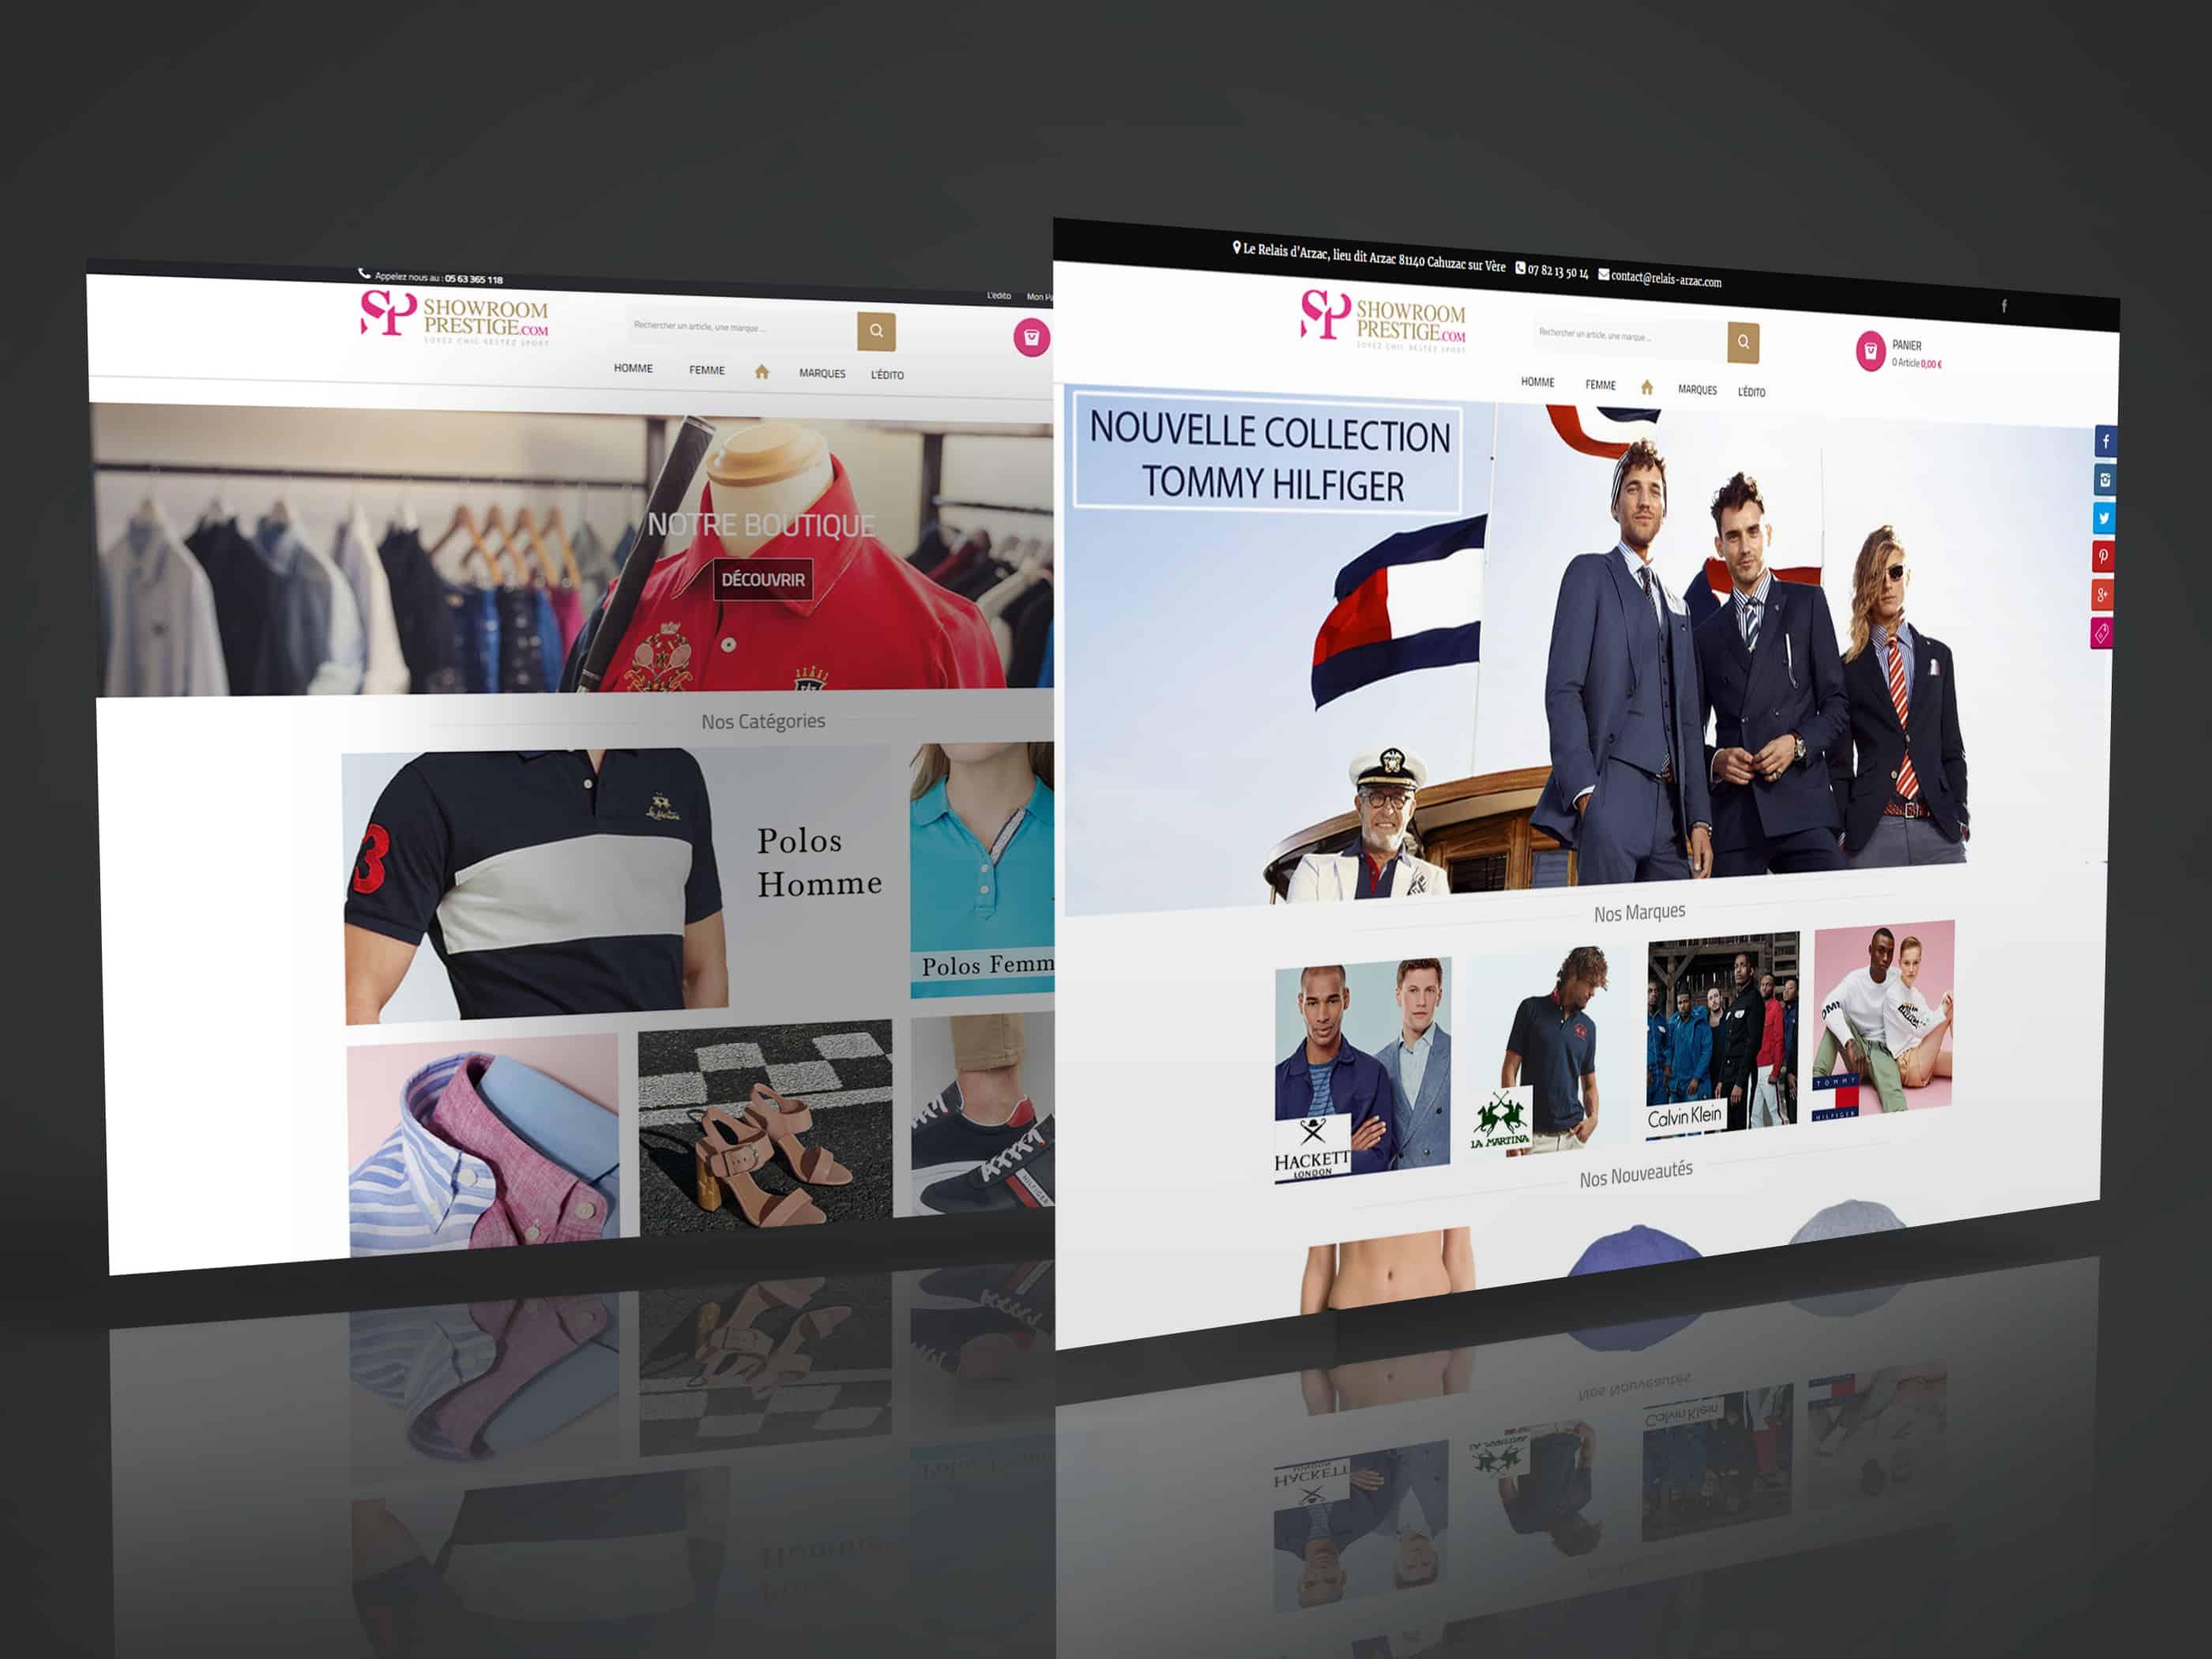 Webdesign Showroom Prestige Lughart